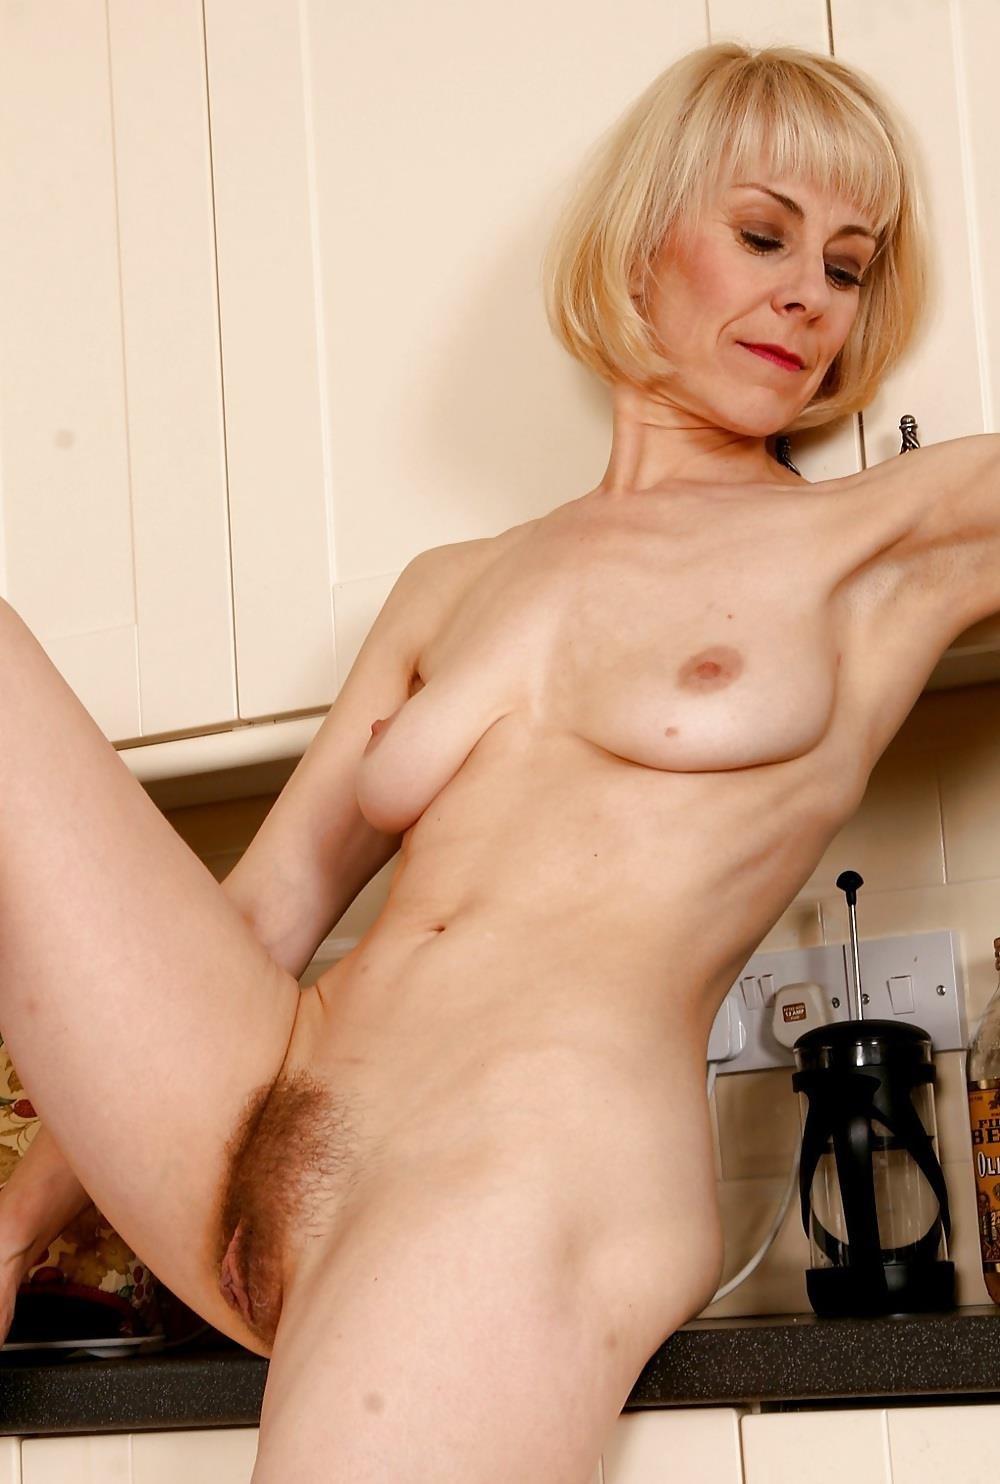 Solo mature porn pics-4352